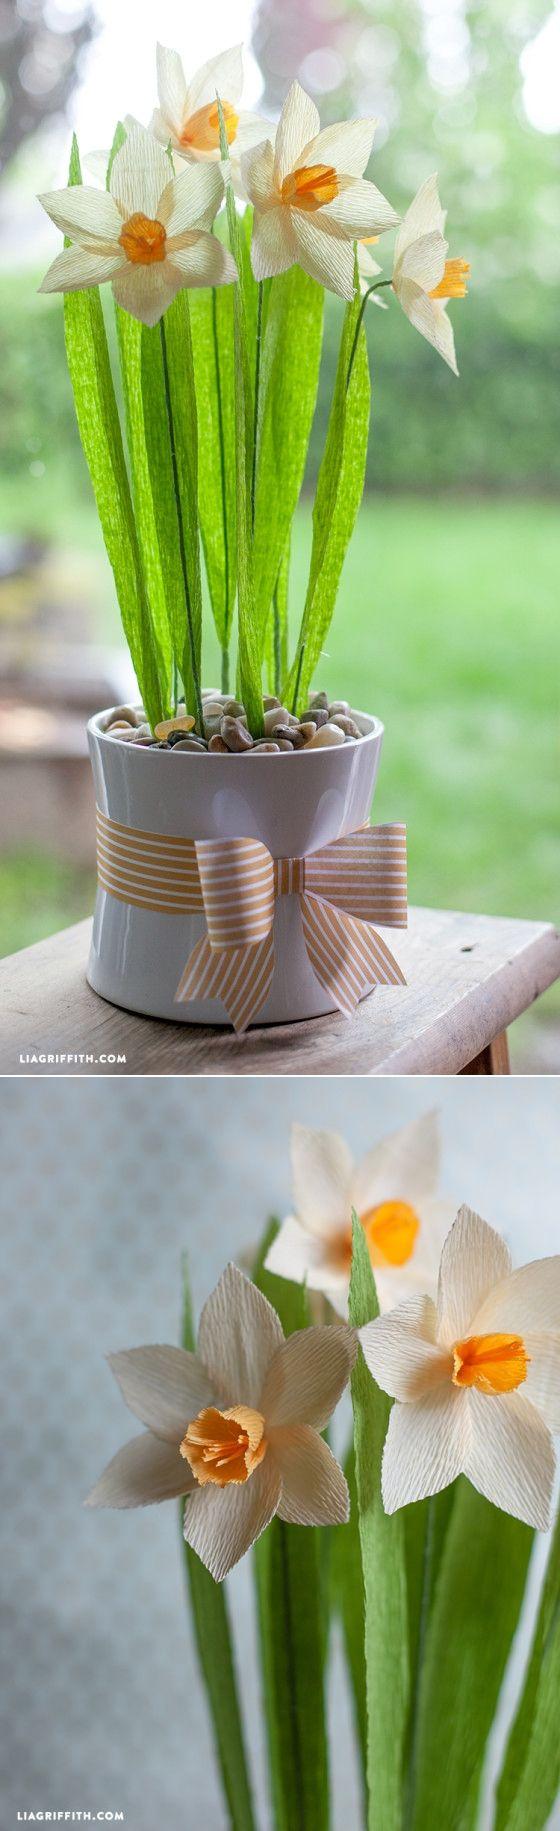 Tutorial para hacer flores utilizando papel crepé. #ManualidadesFiestas                                                                                                                                                                                 Más